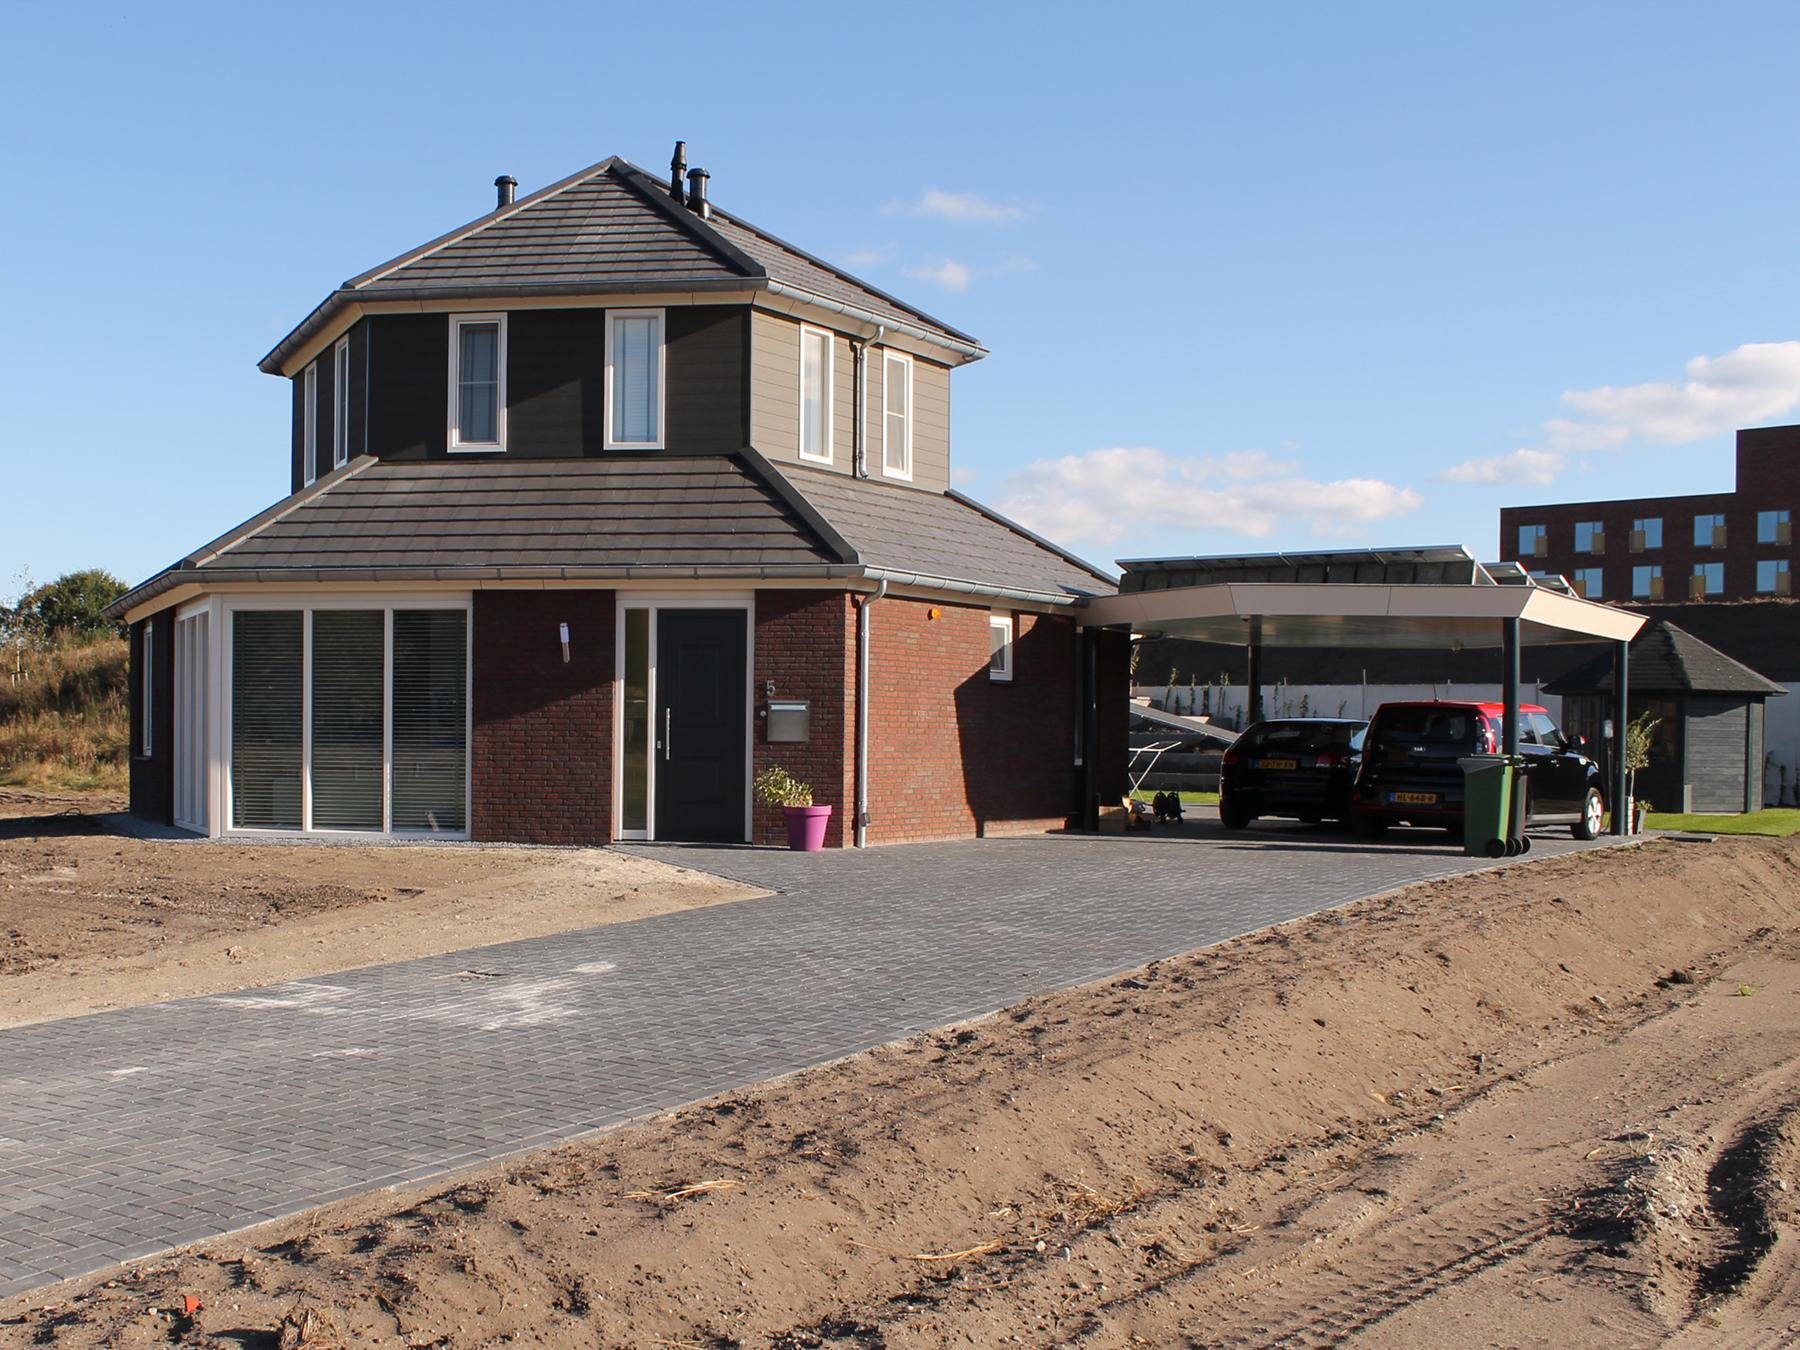 Een in prefab houtskeletbouw uitgevoerd zeskantig woonhuis met carport op park Maashorst te Uden.